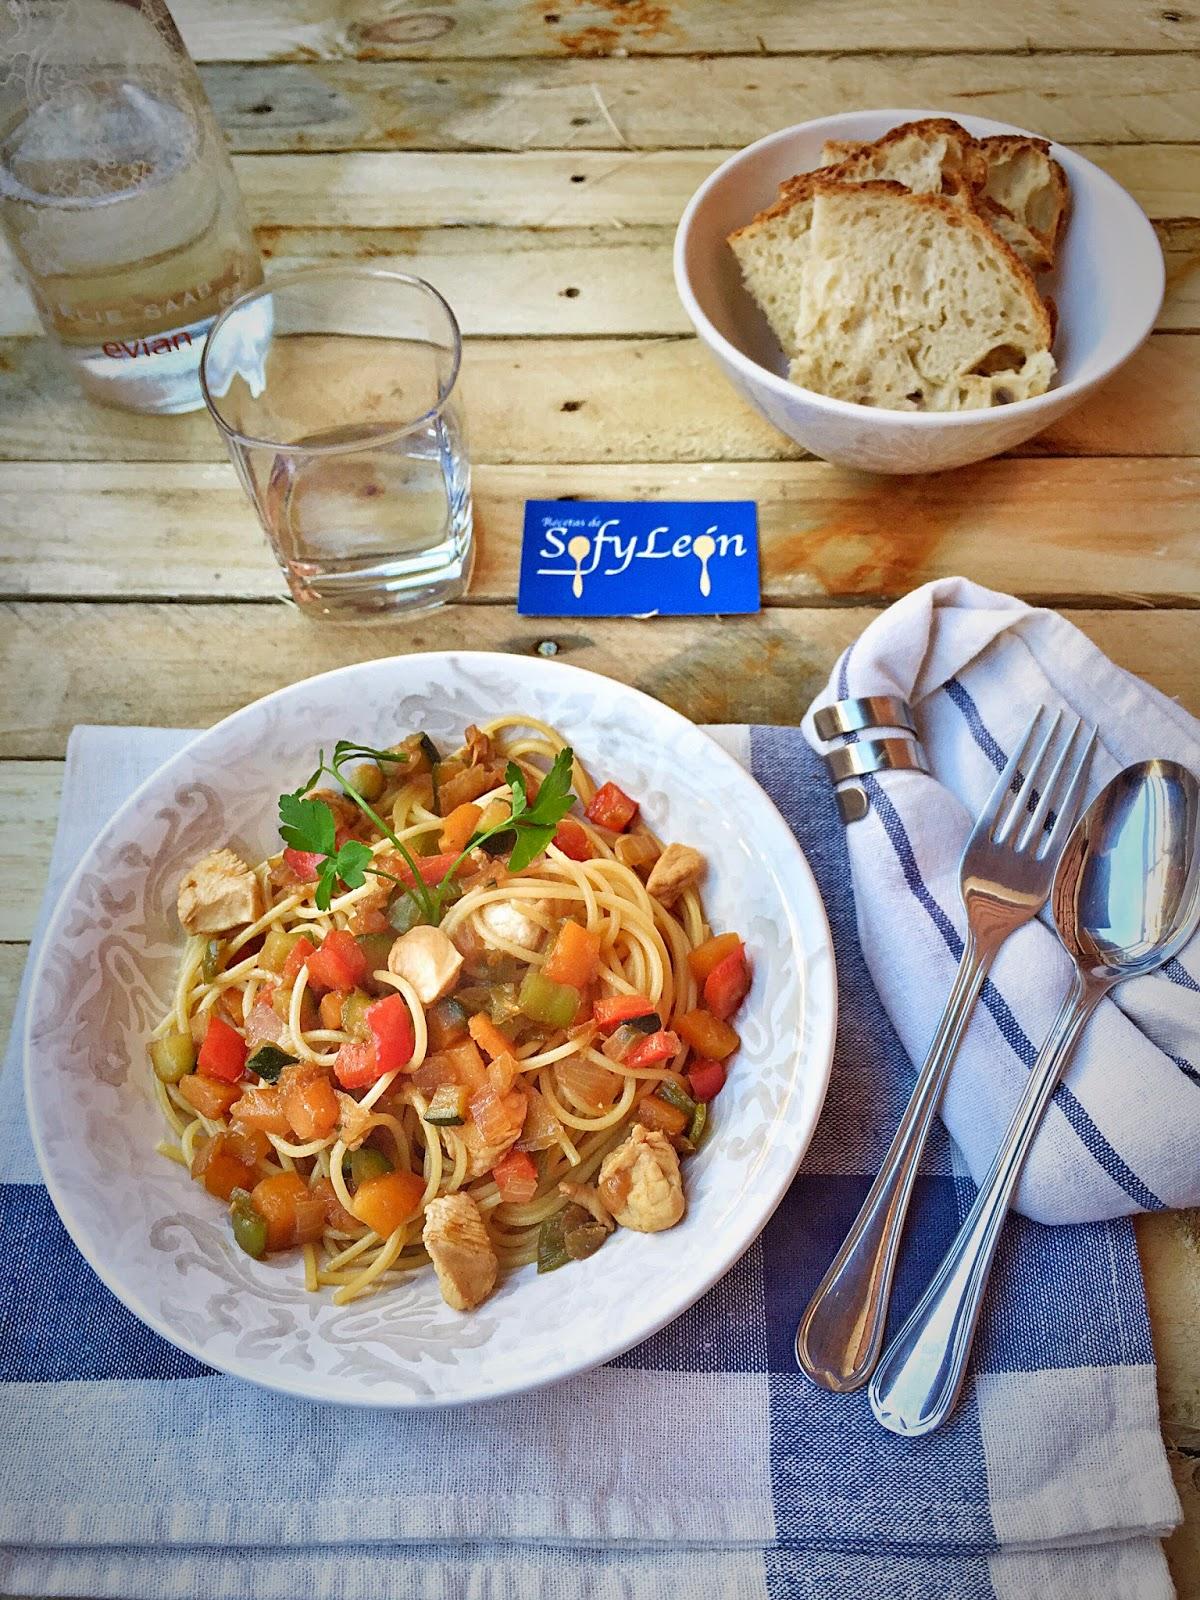 Receta de espaguetis con verduras y salsa de soja.